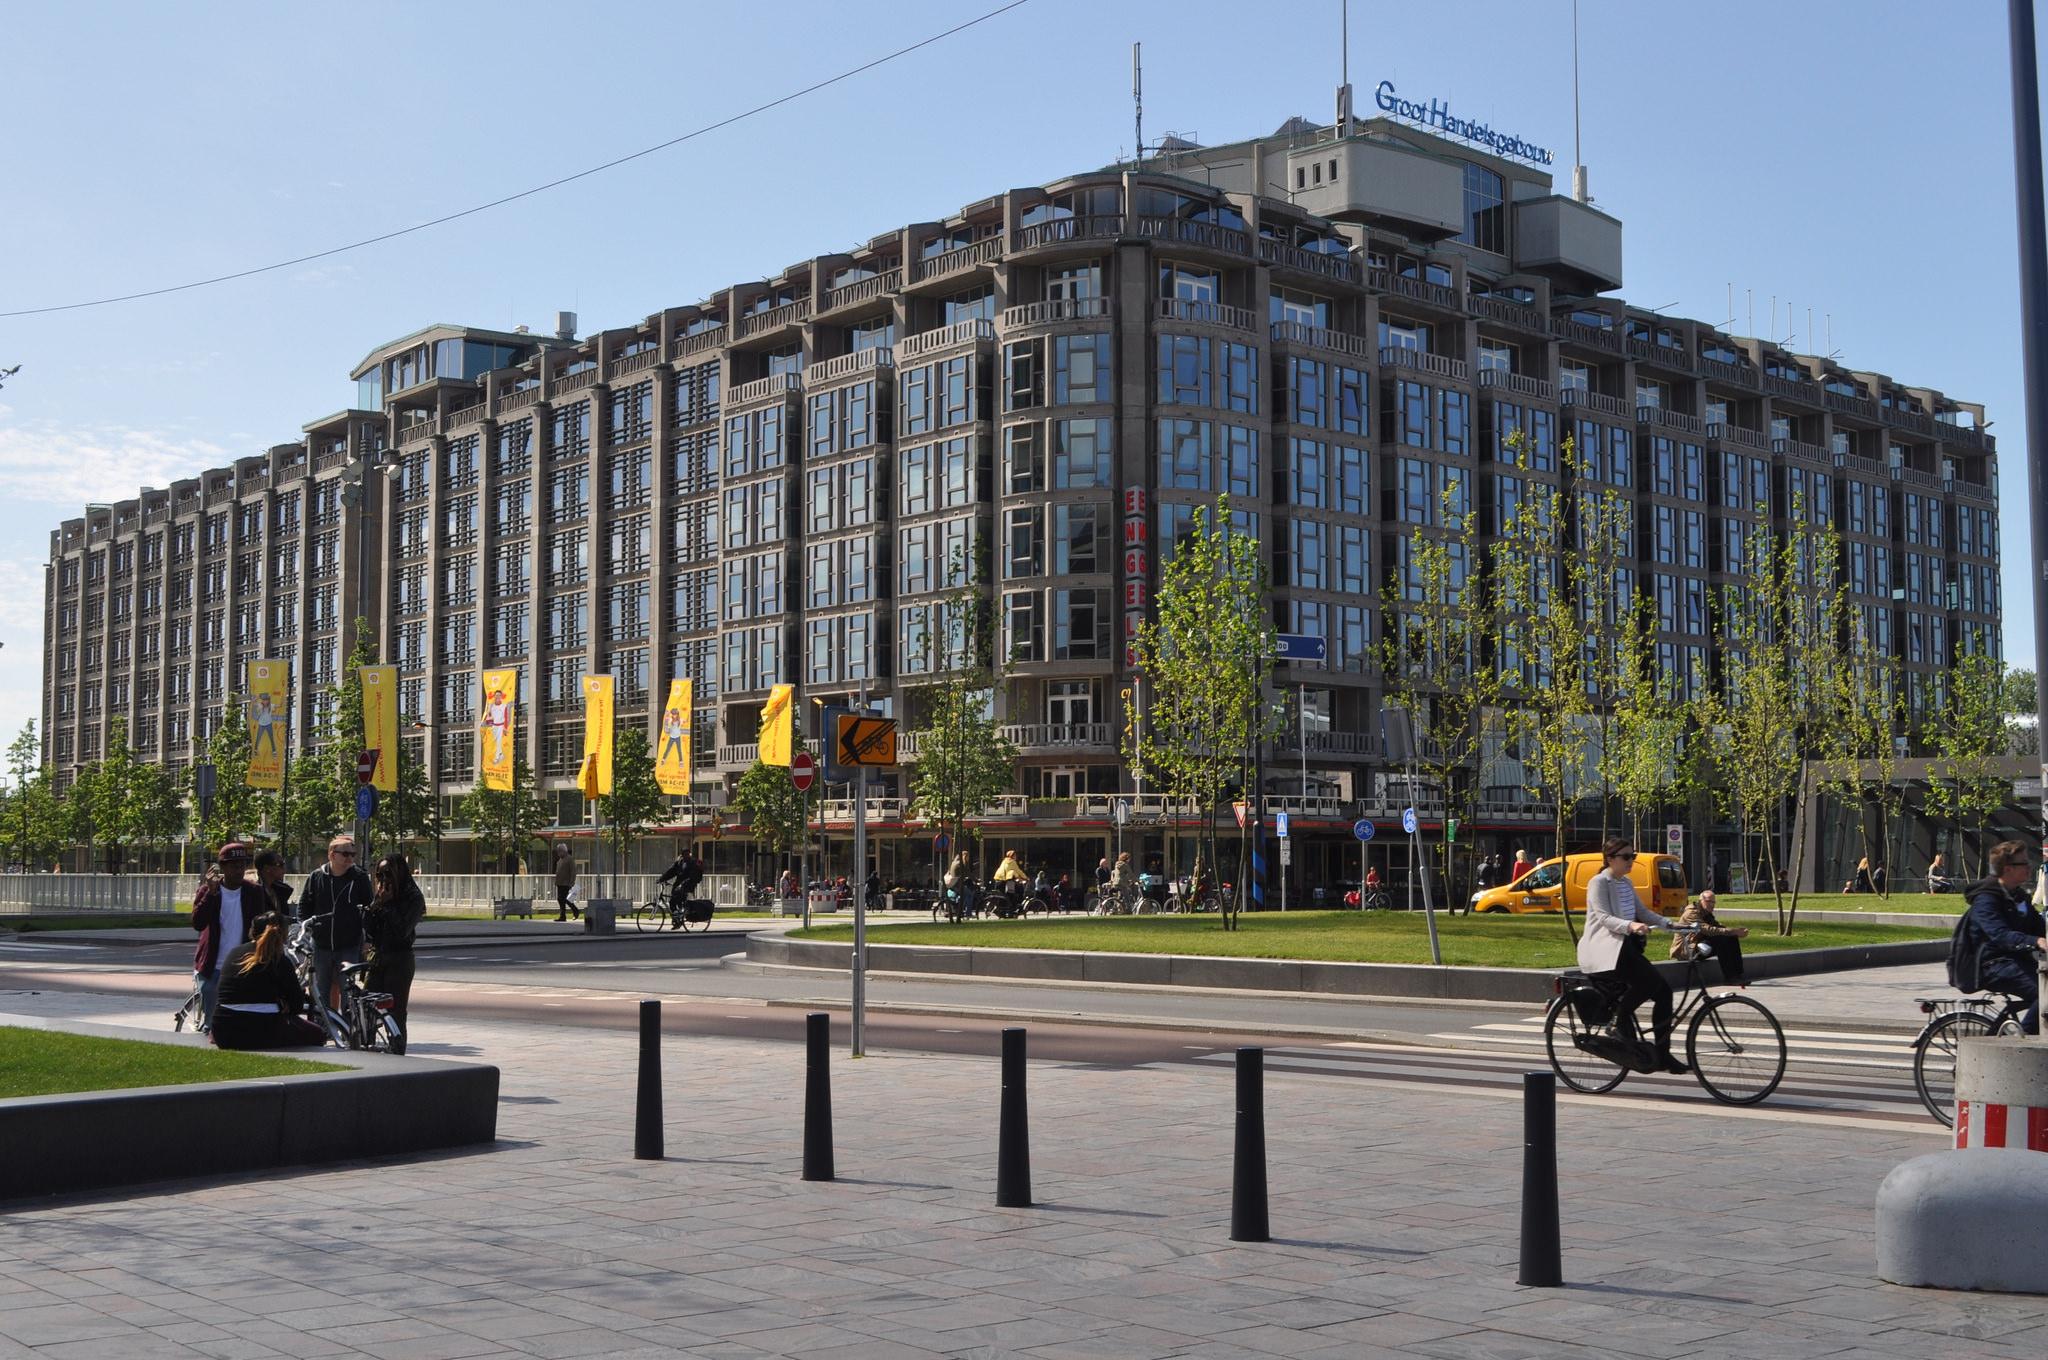 Groot Handelsgebouw